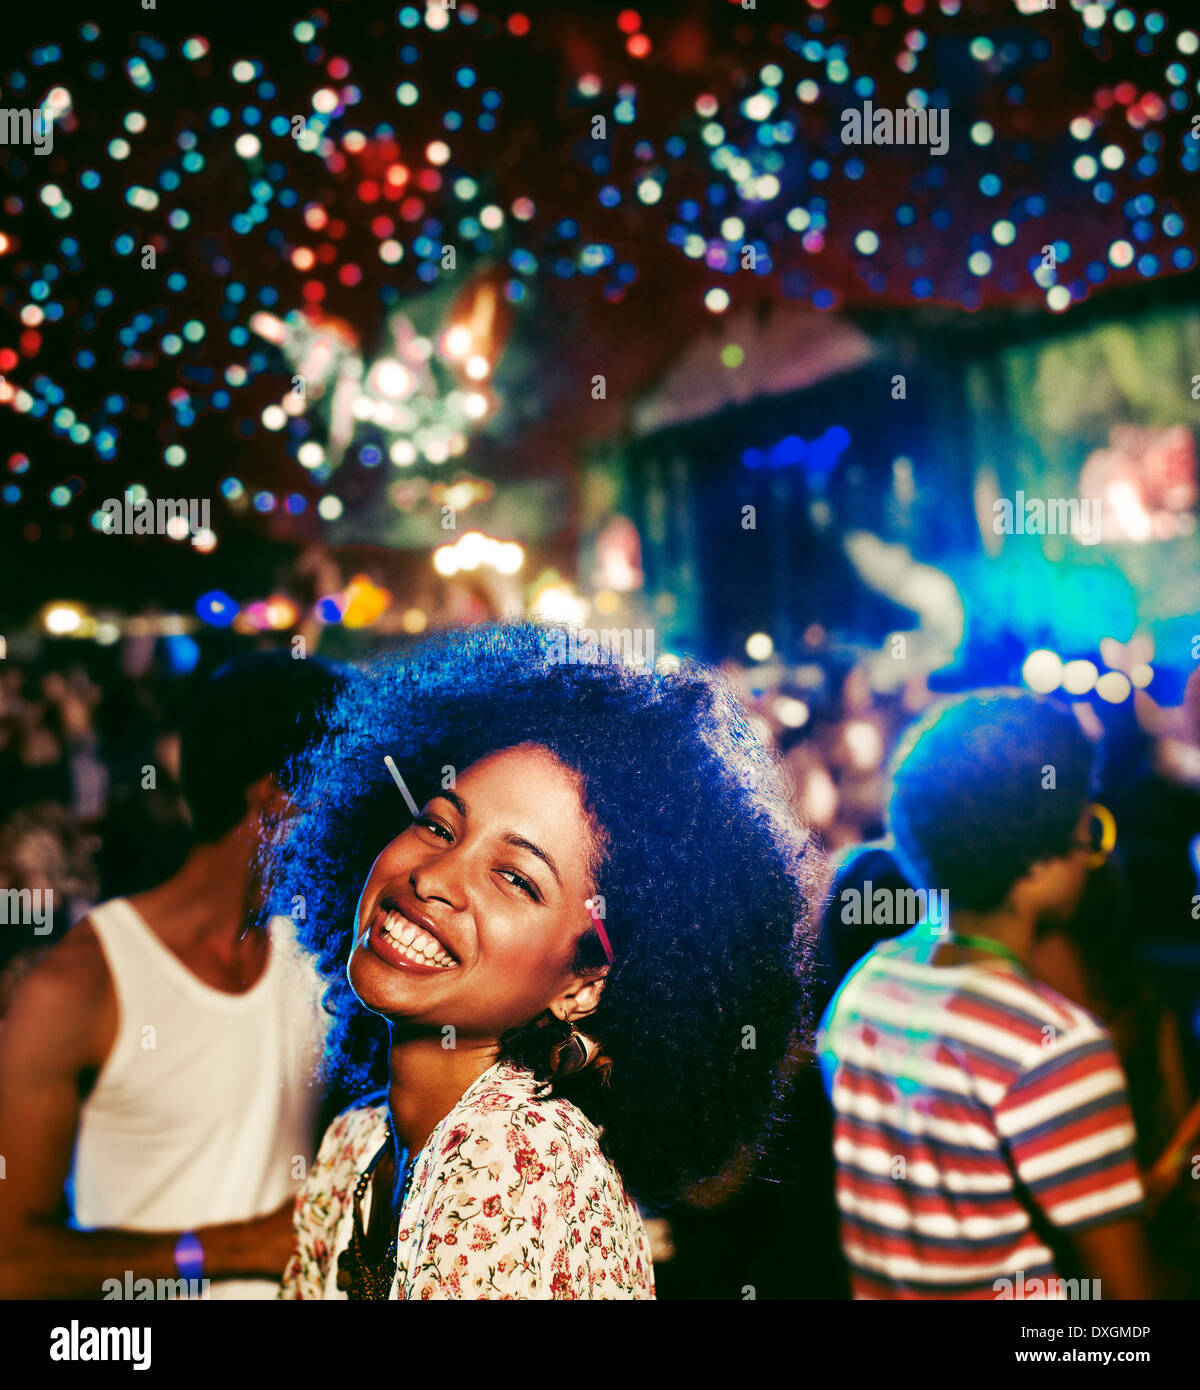 Porträt von begeisterten Frau beim Musikfestival Stockbild